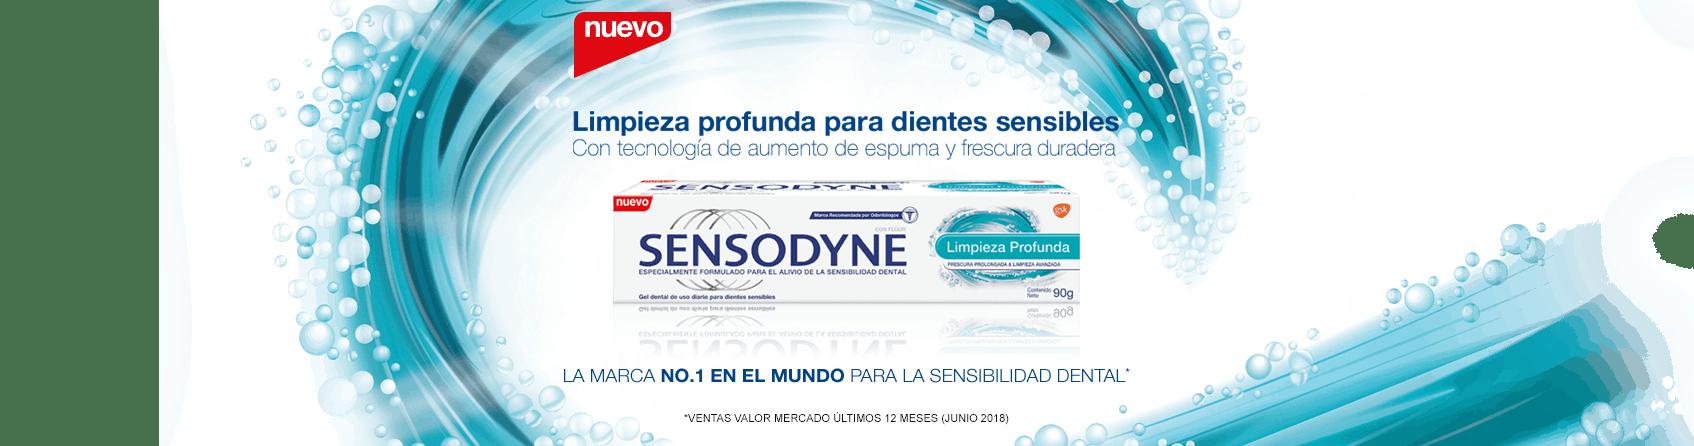 Limpieza profunda para dientes sensibles. Con la tecnología de aumento de espuma y frescura - Crema dental Sensodyne  Limpieza Profunda